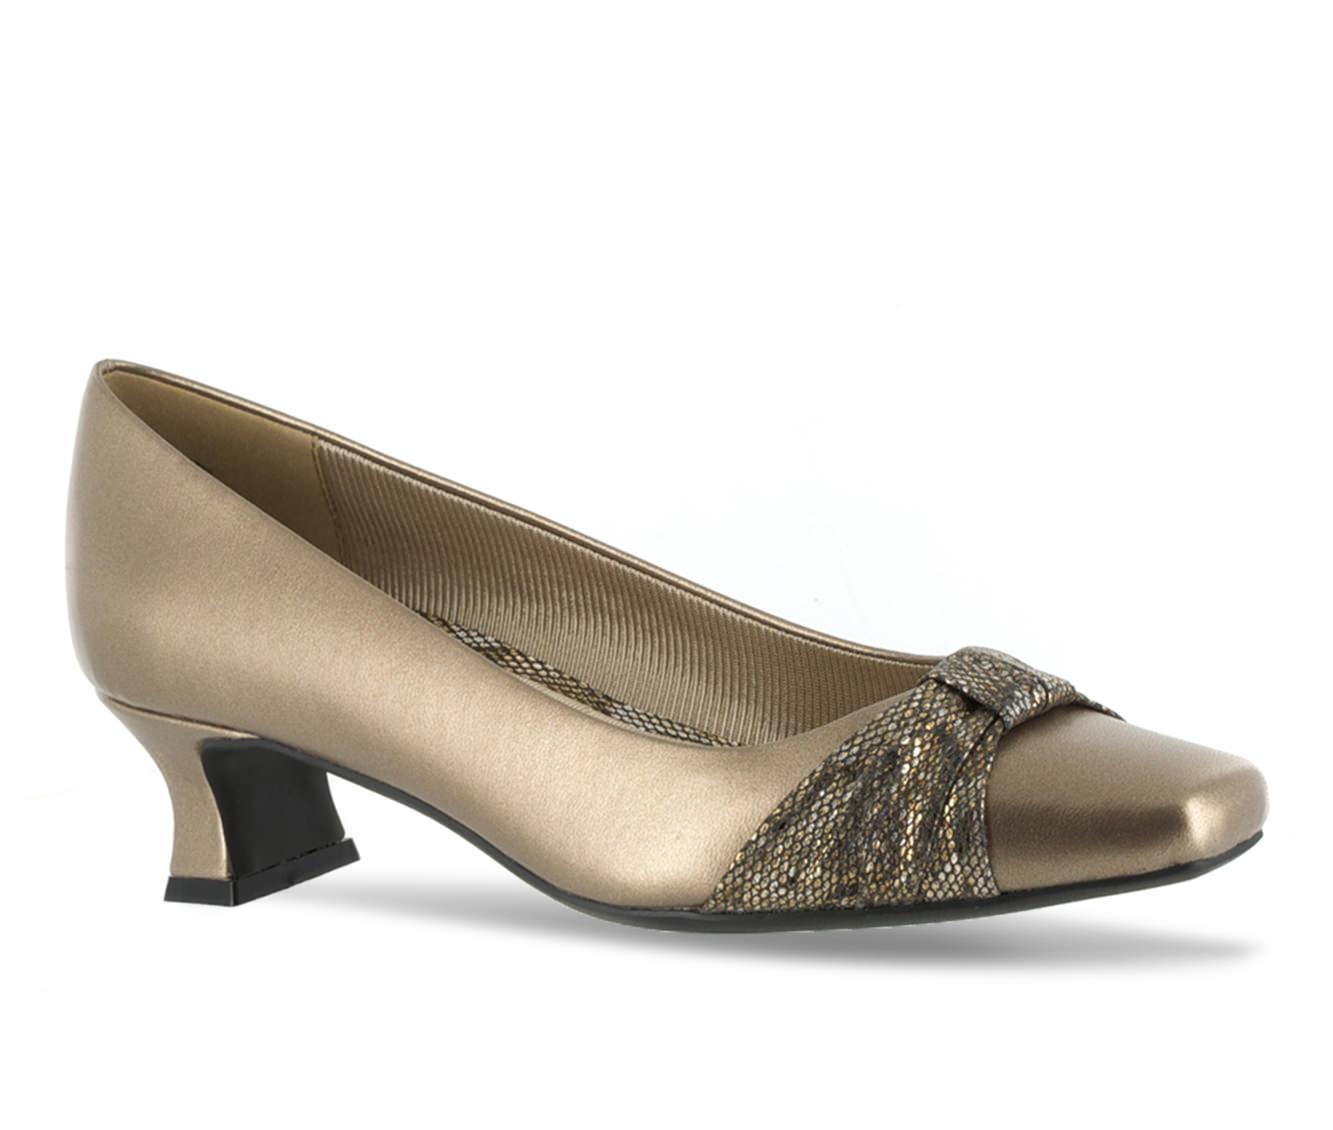 Easy Street Waive Women's Dress Shoe (Gold Faux Leather)